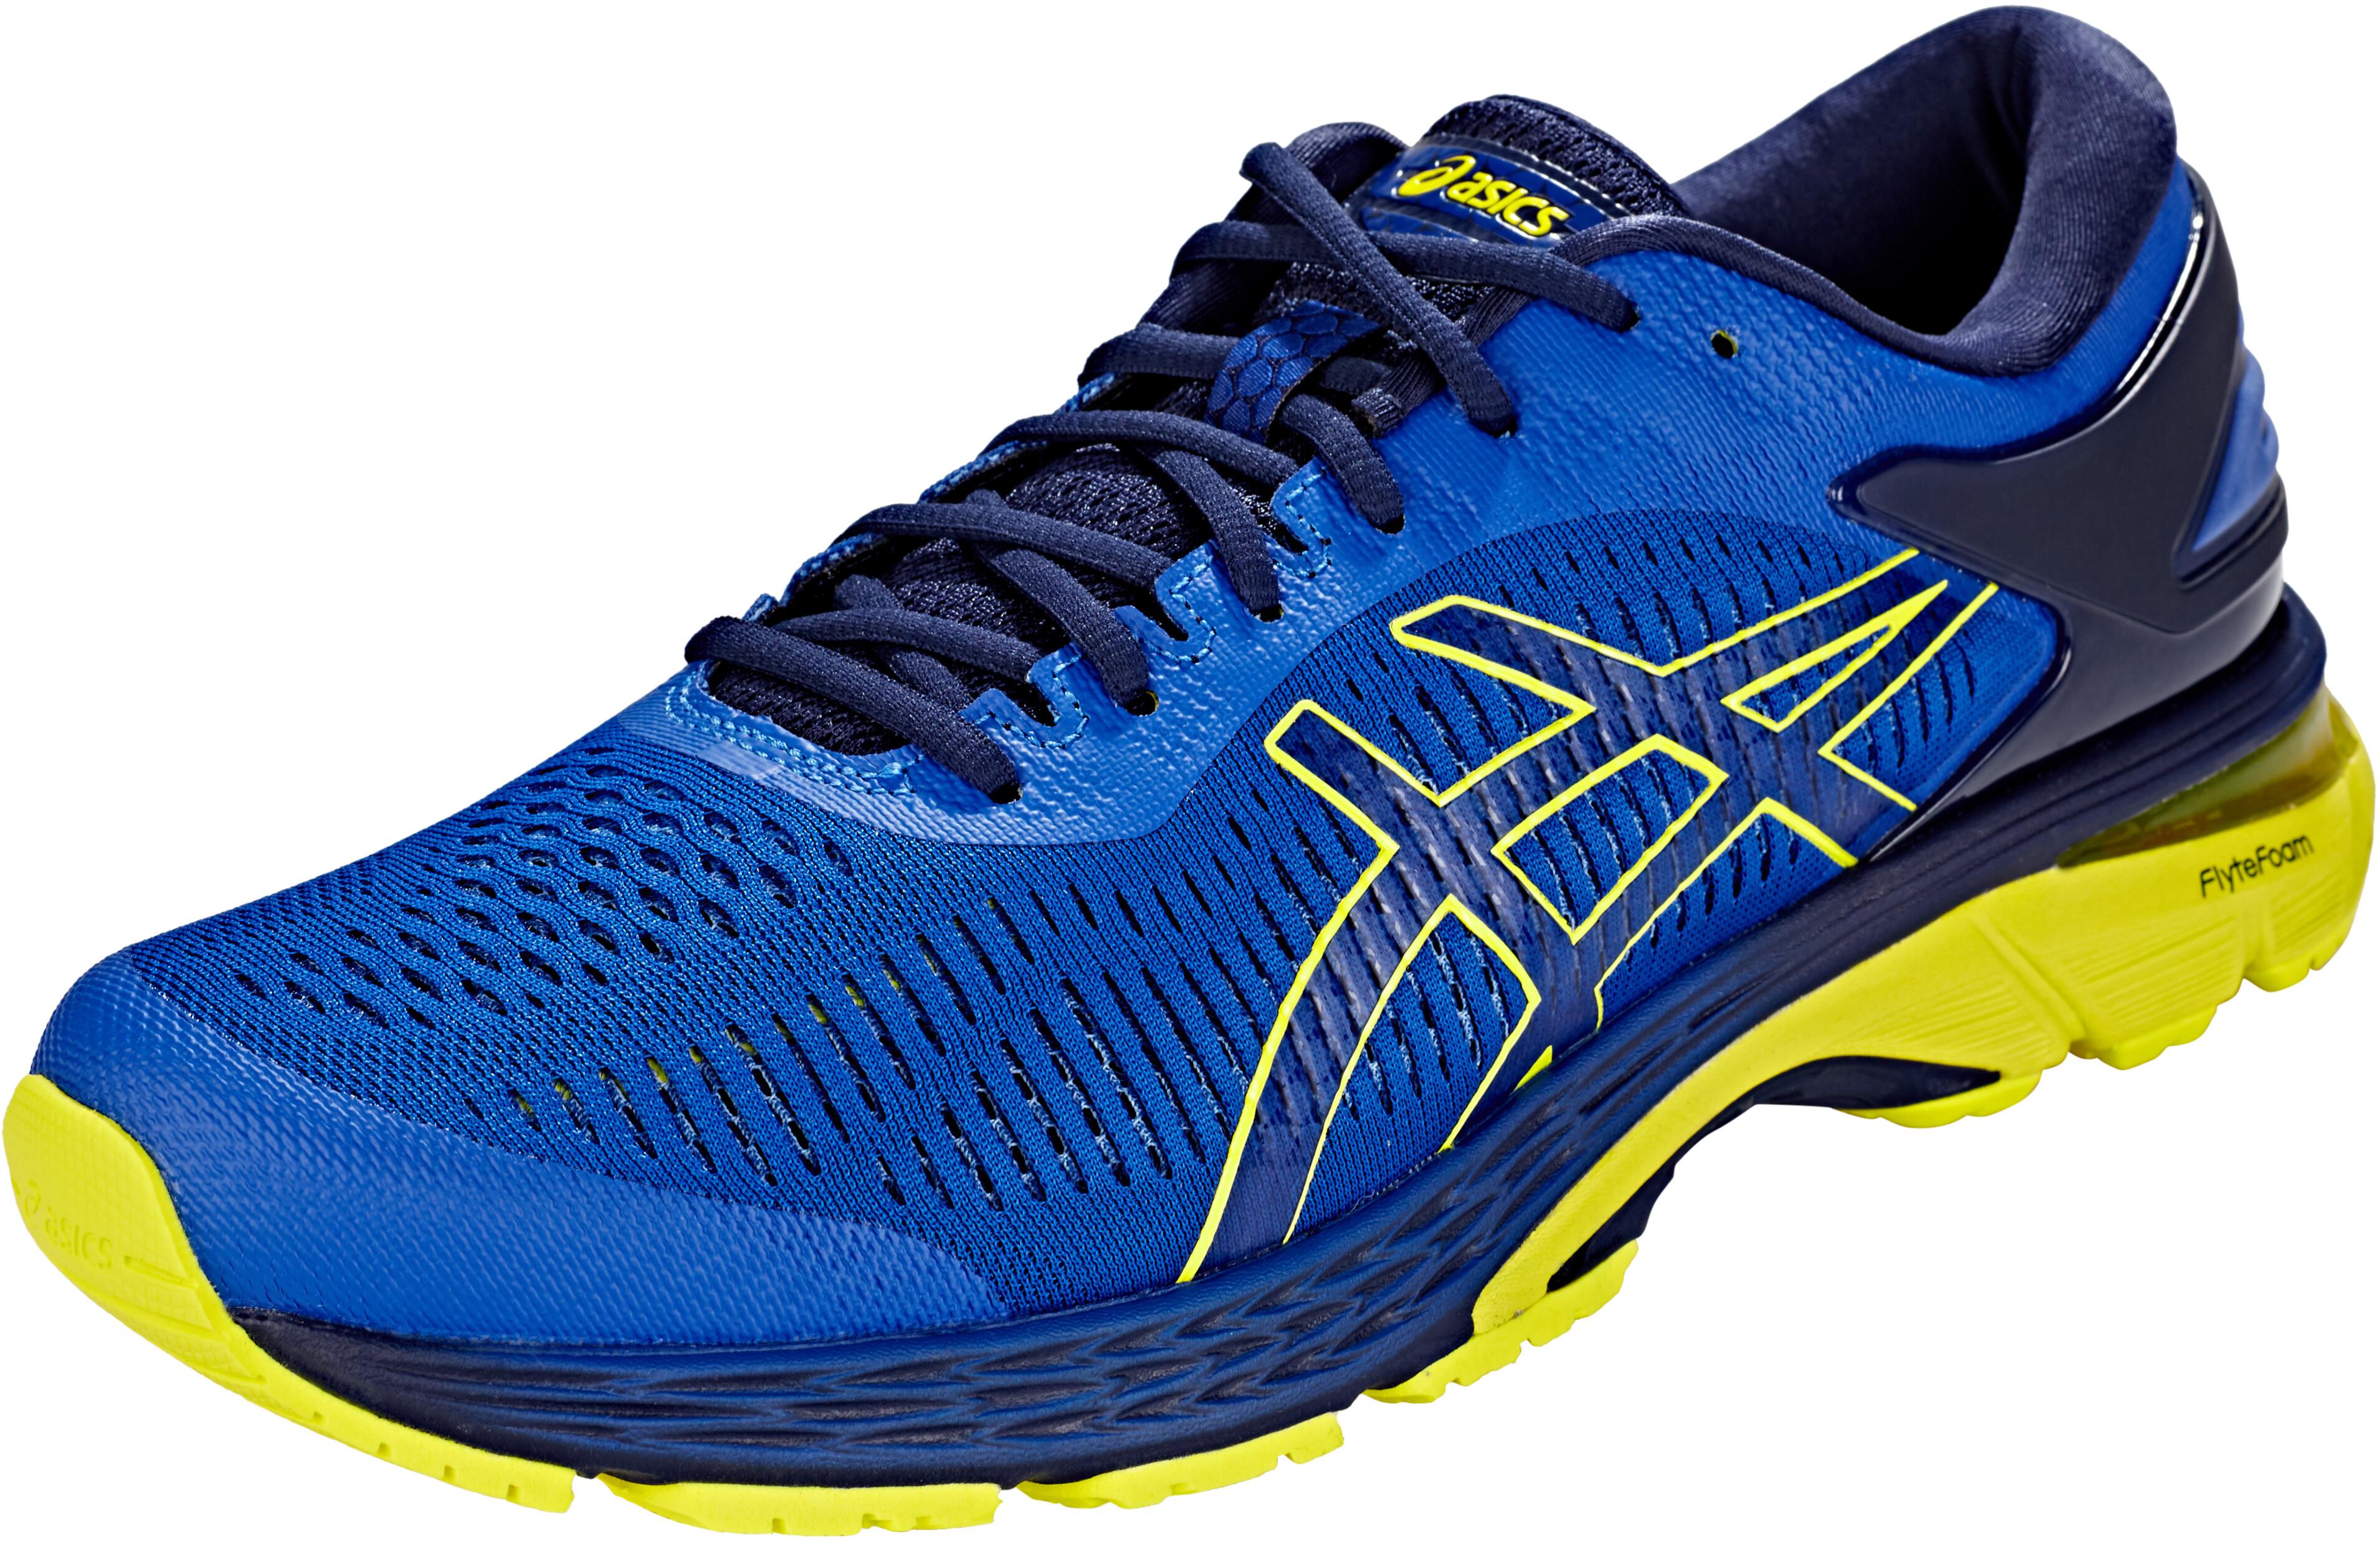 857f3abc4e5 asics Gel-Kayano 25 - Zapatillas running Hombre - amarillo azul ...